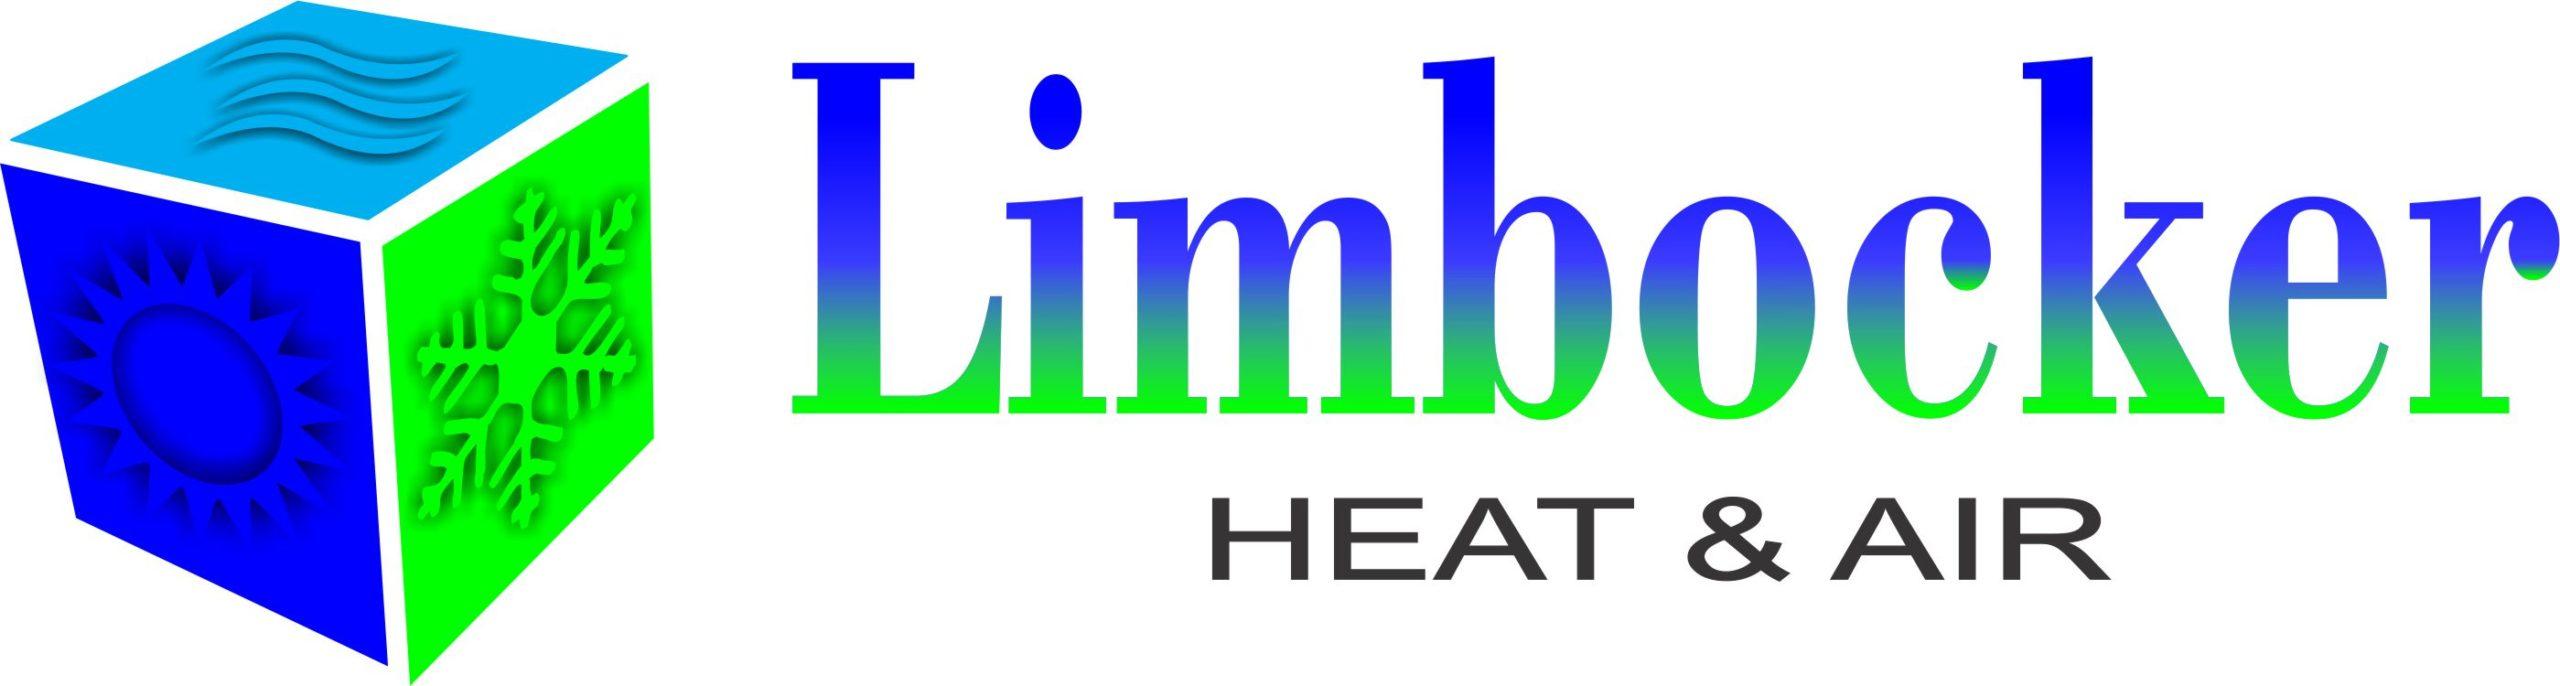 Limbocker Heating & Air logo